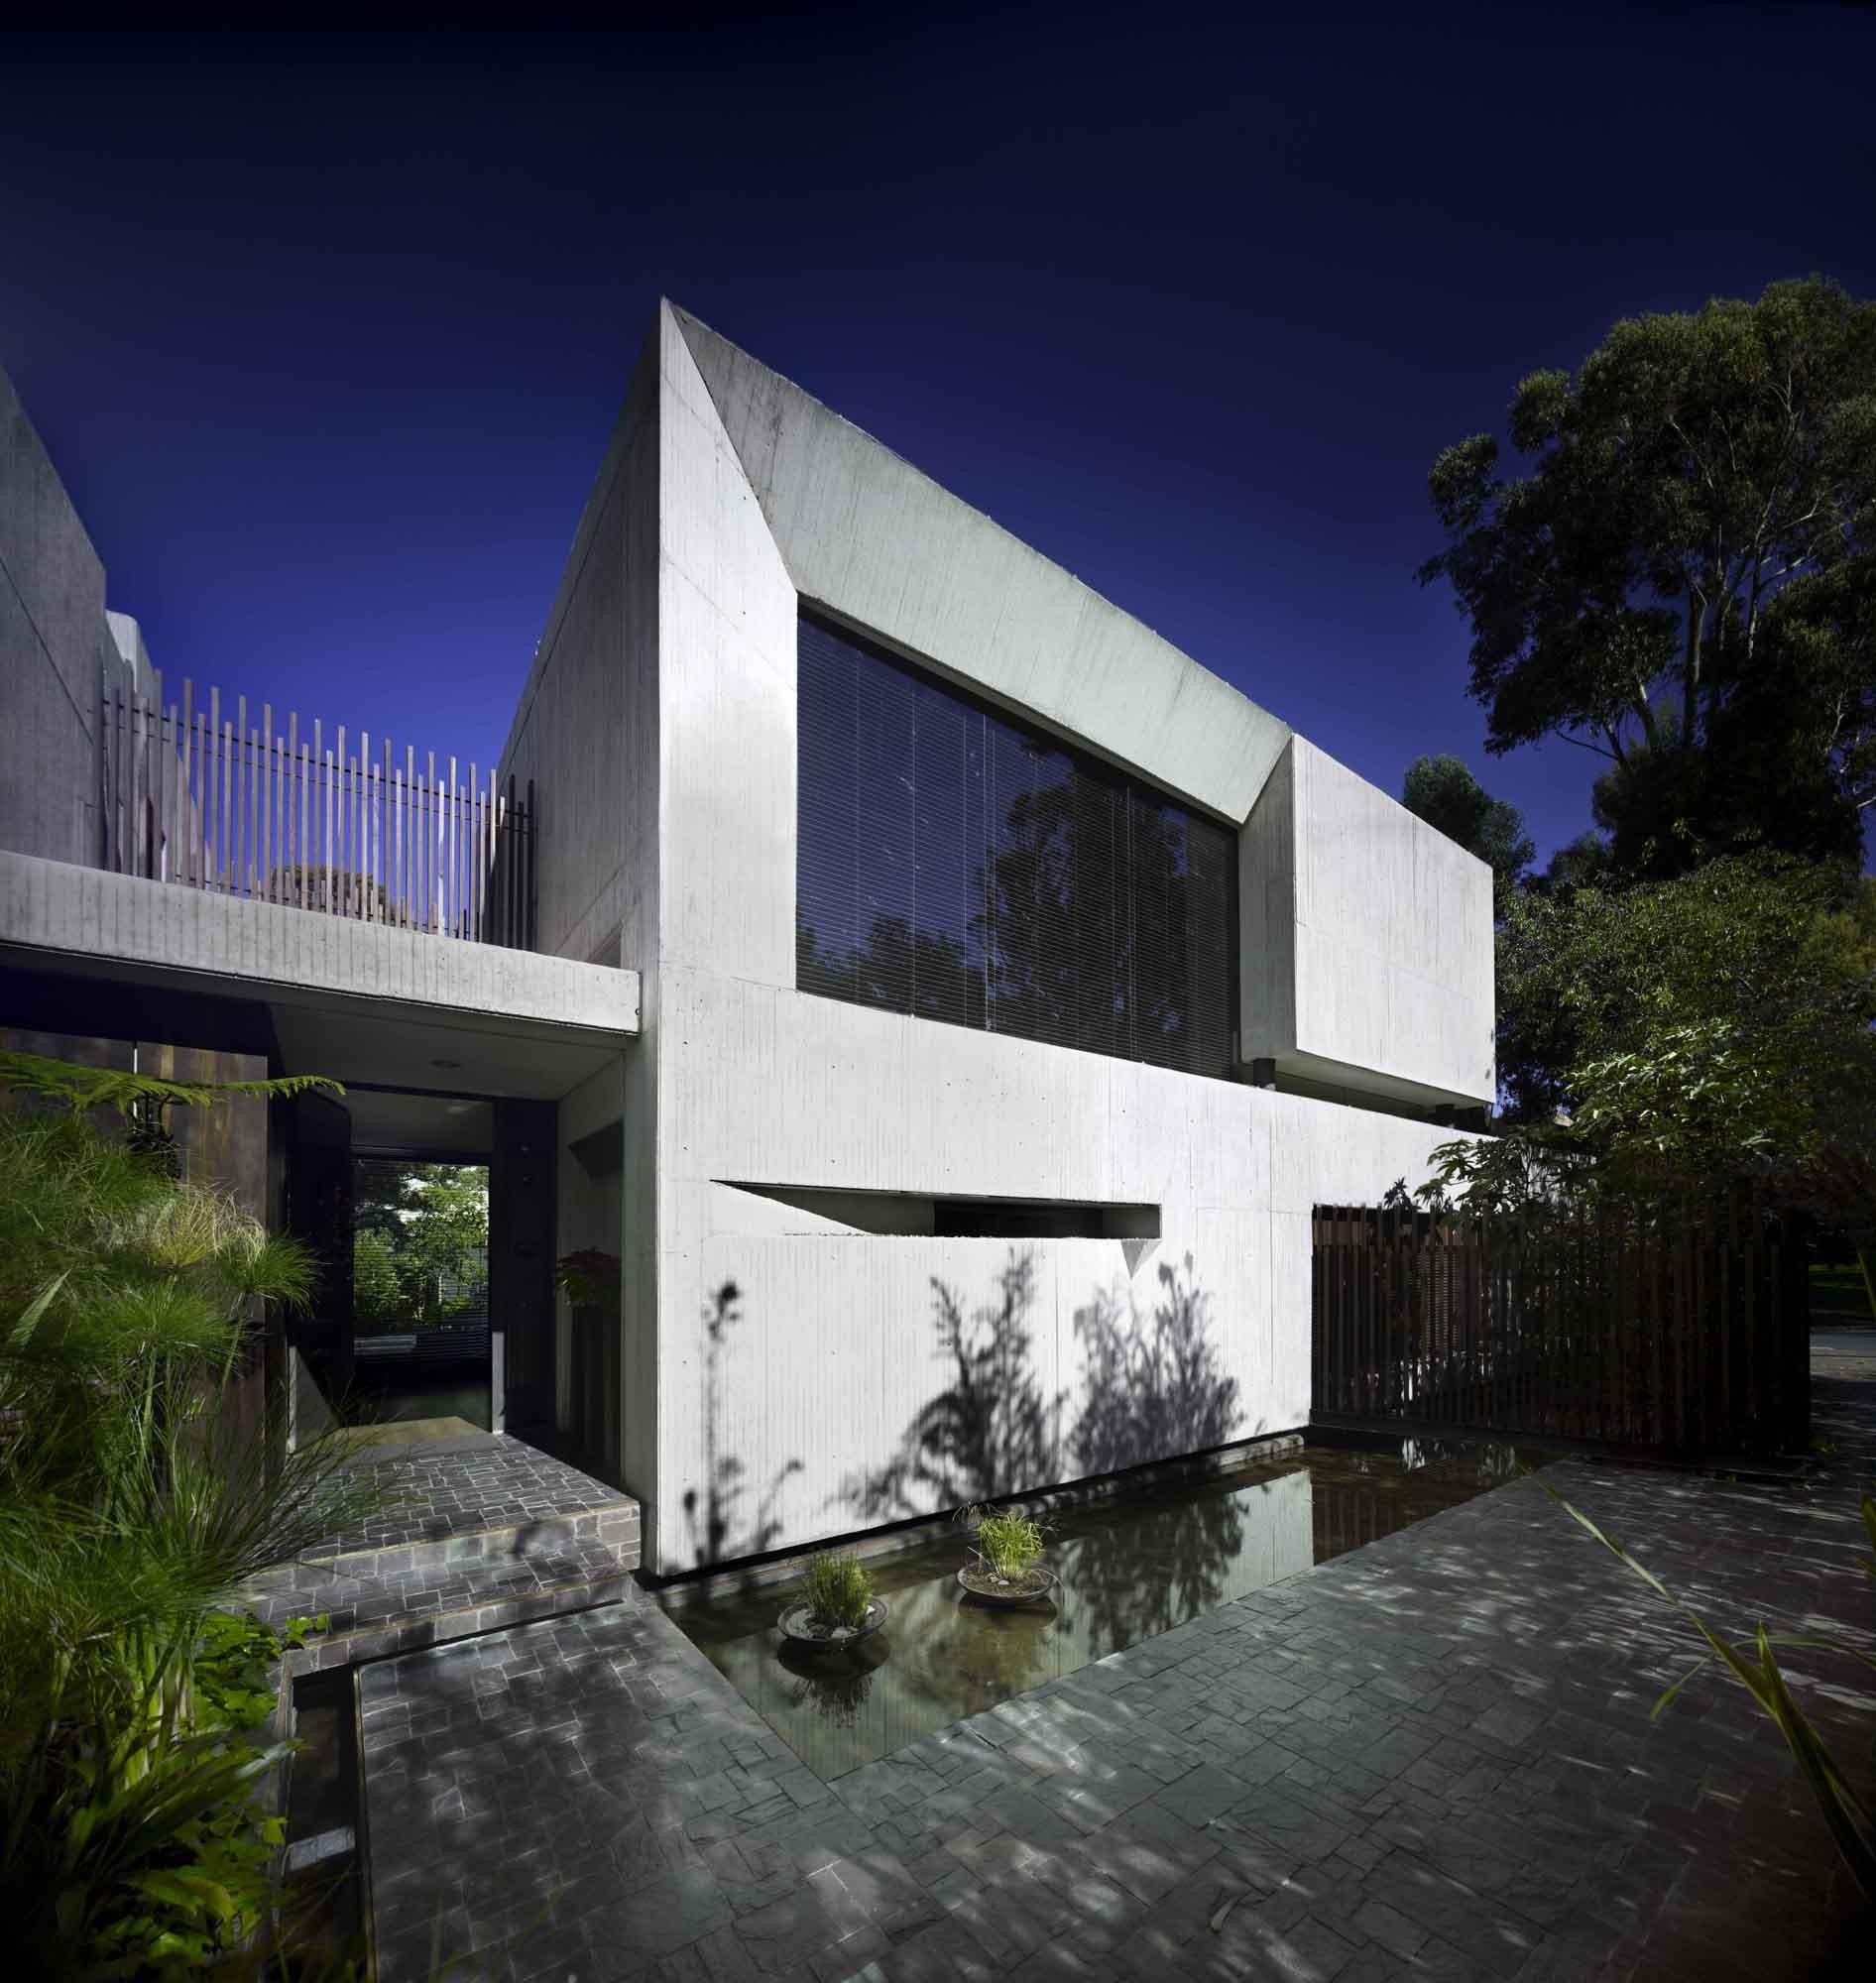 Galer a de casas gemelas mgp arquitectura y urbanismo 2 for Arquitectura y urbanismo